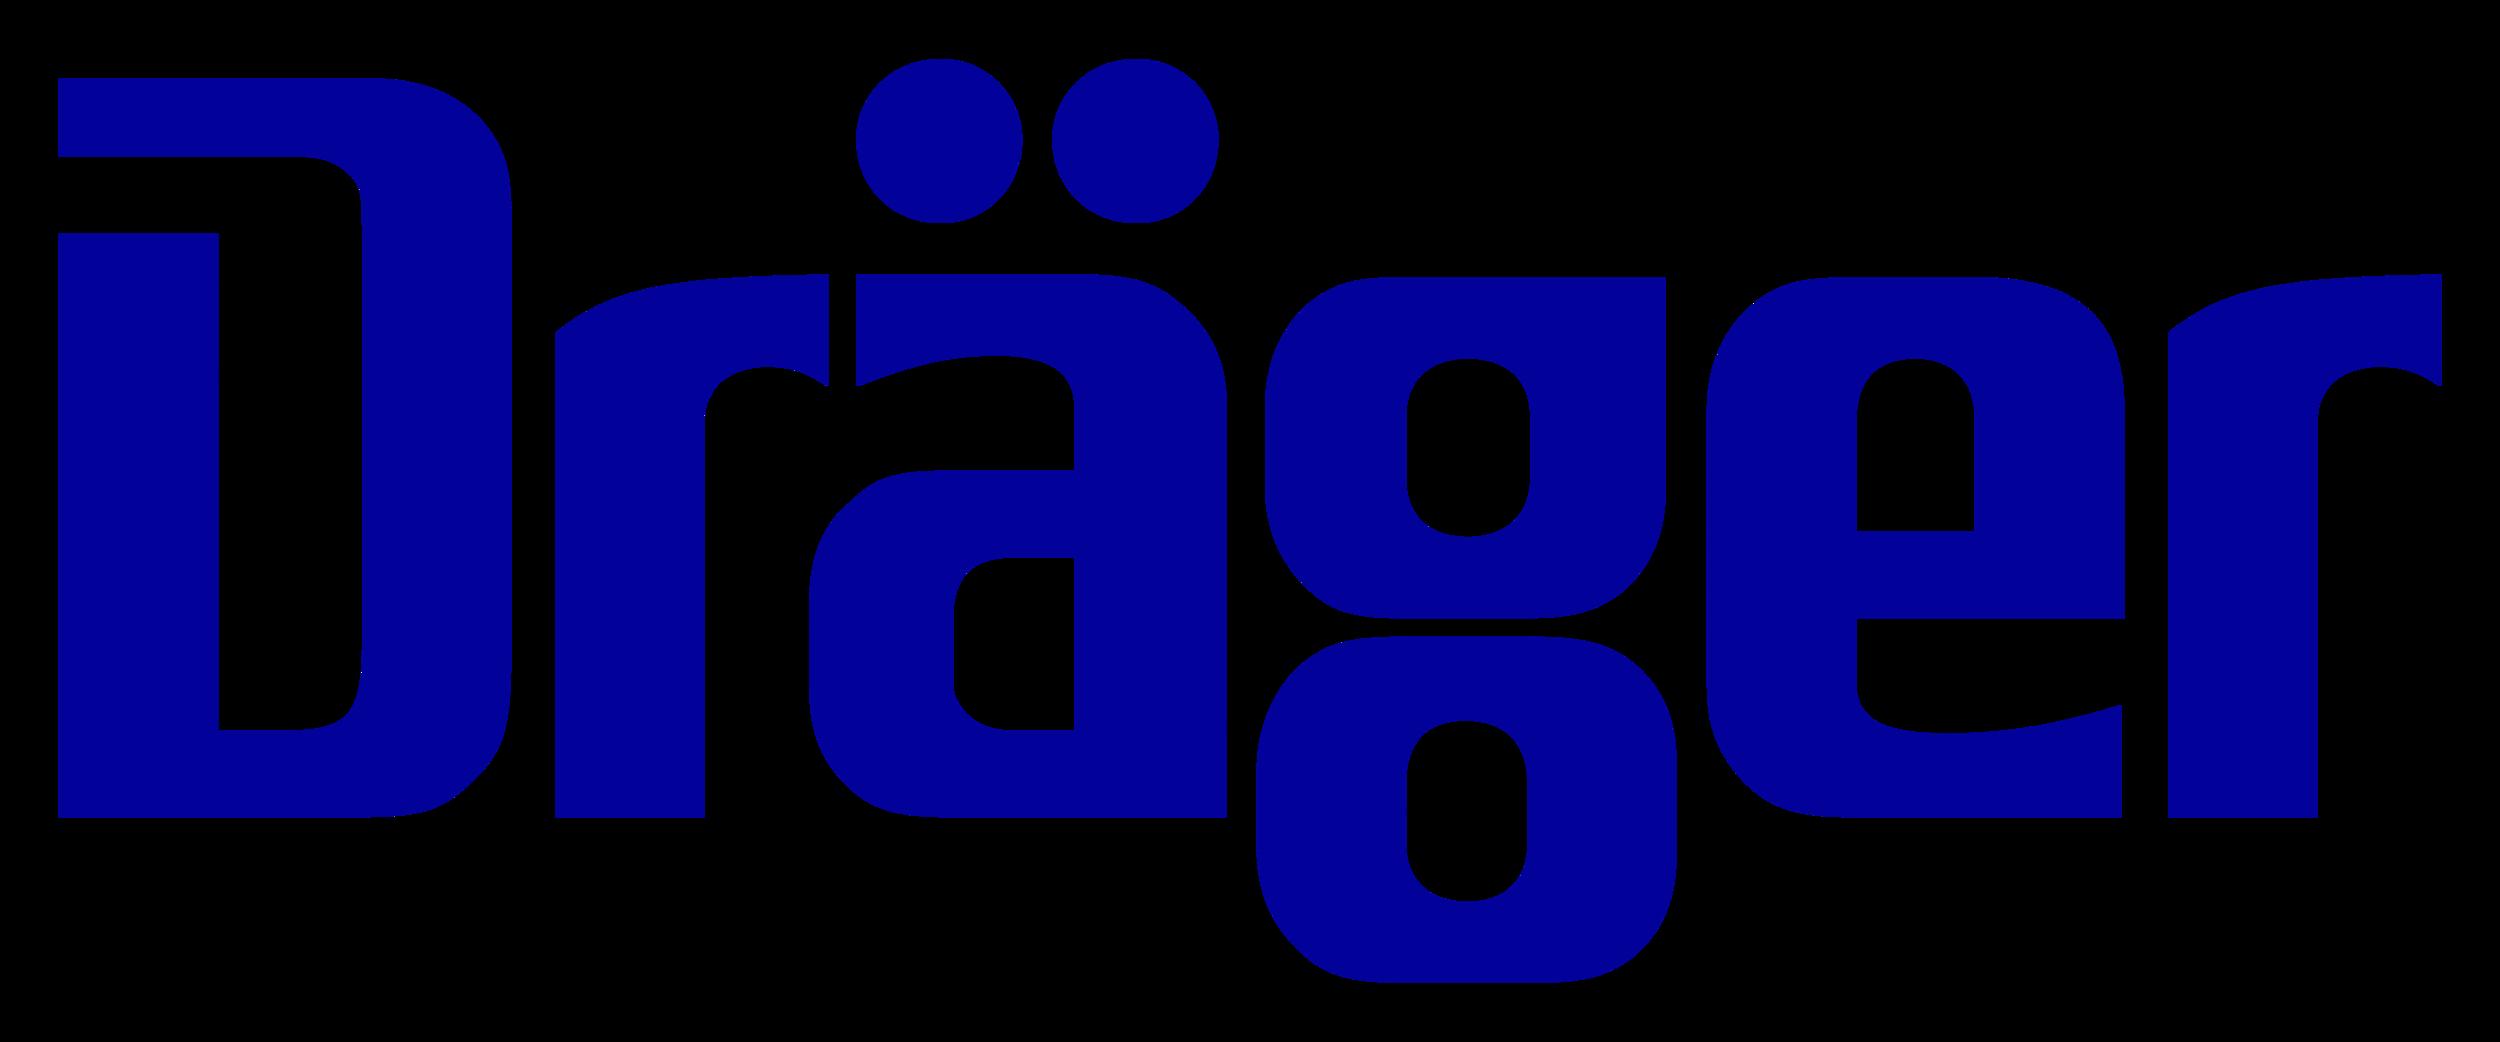 Drager_Dräger_Logo.png